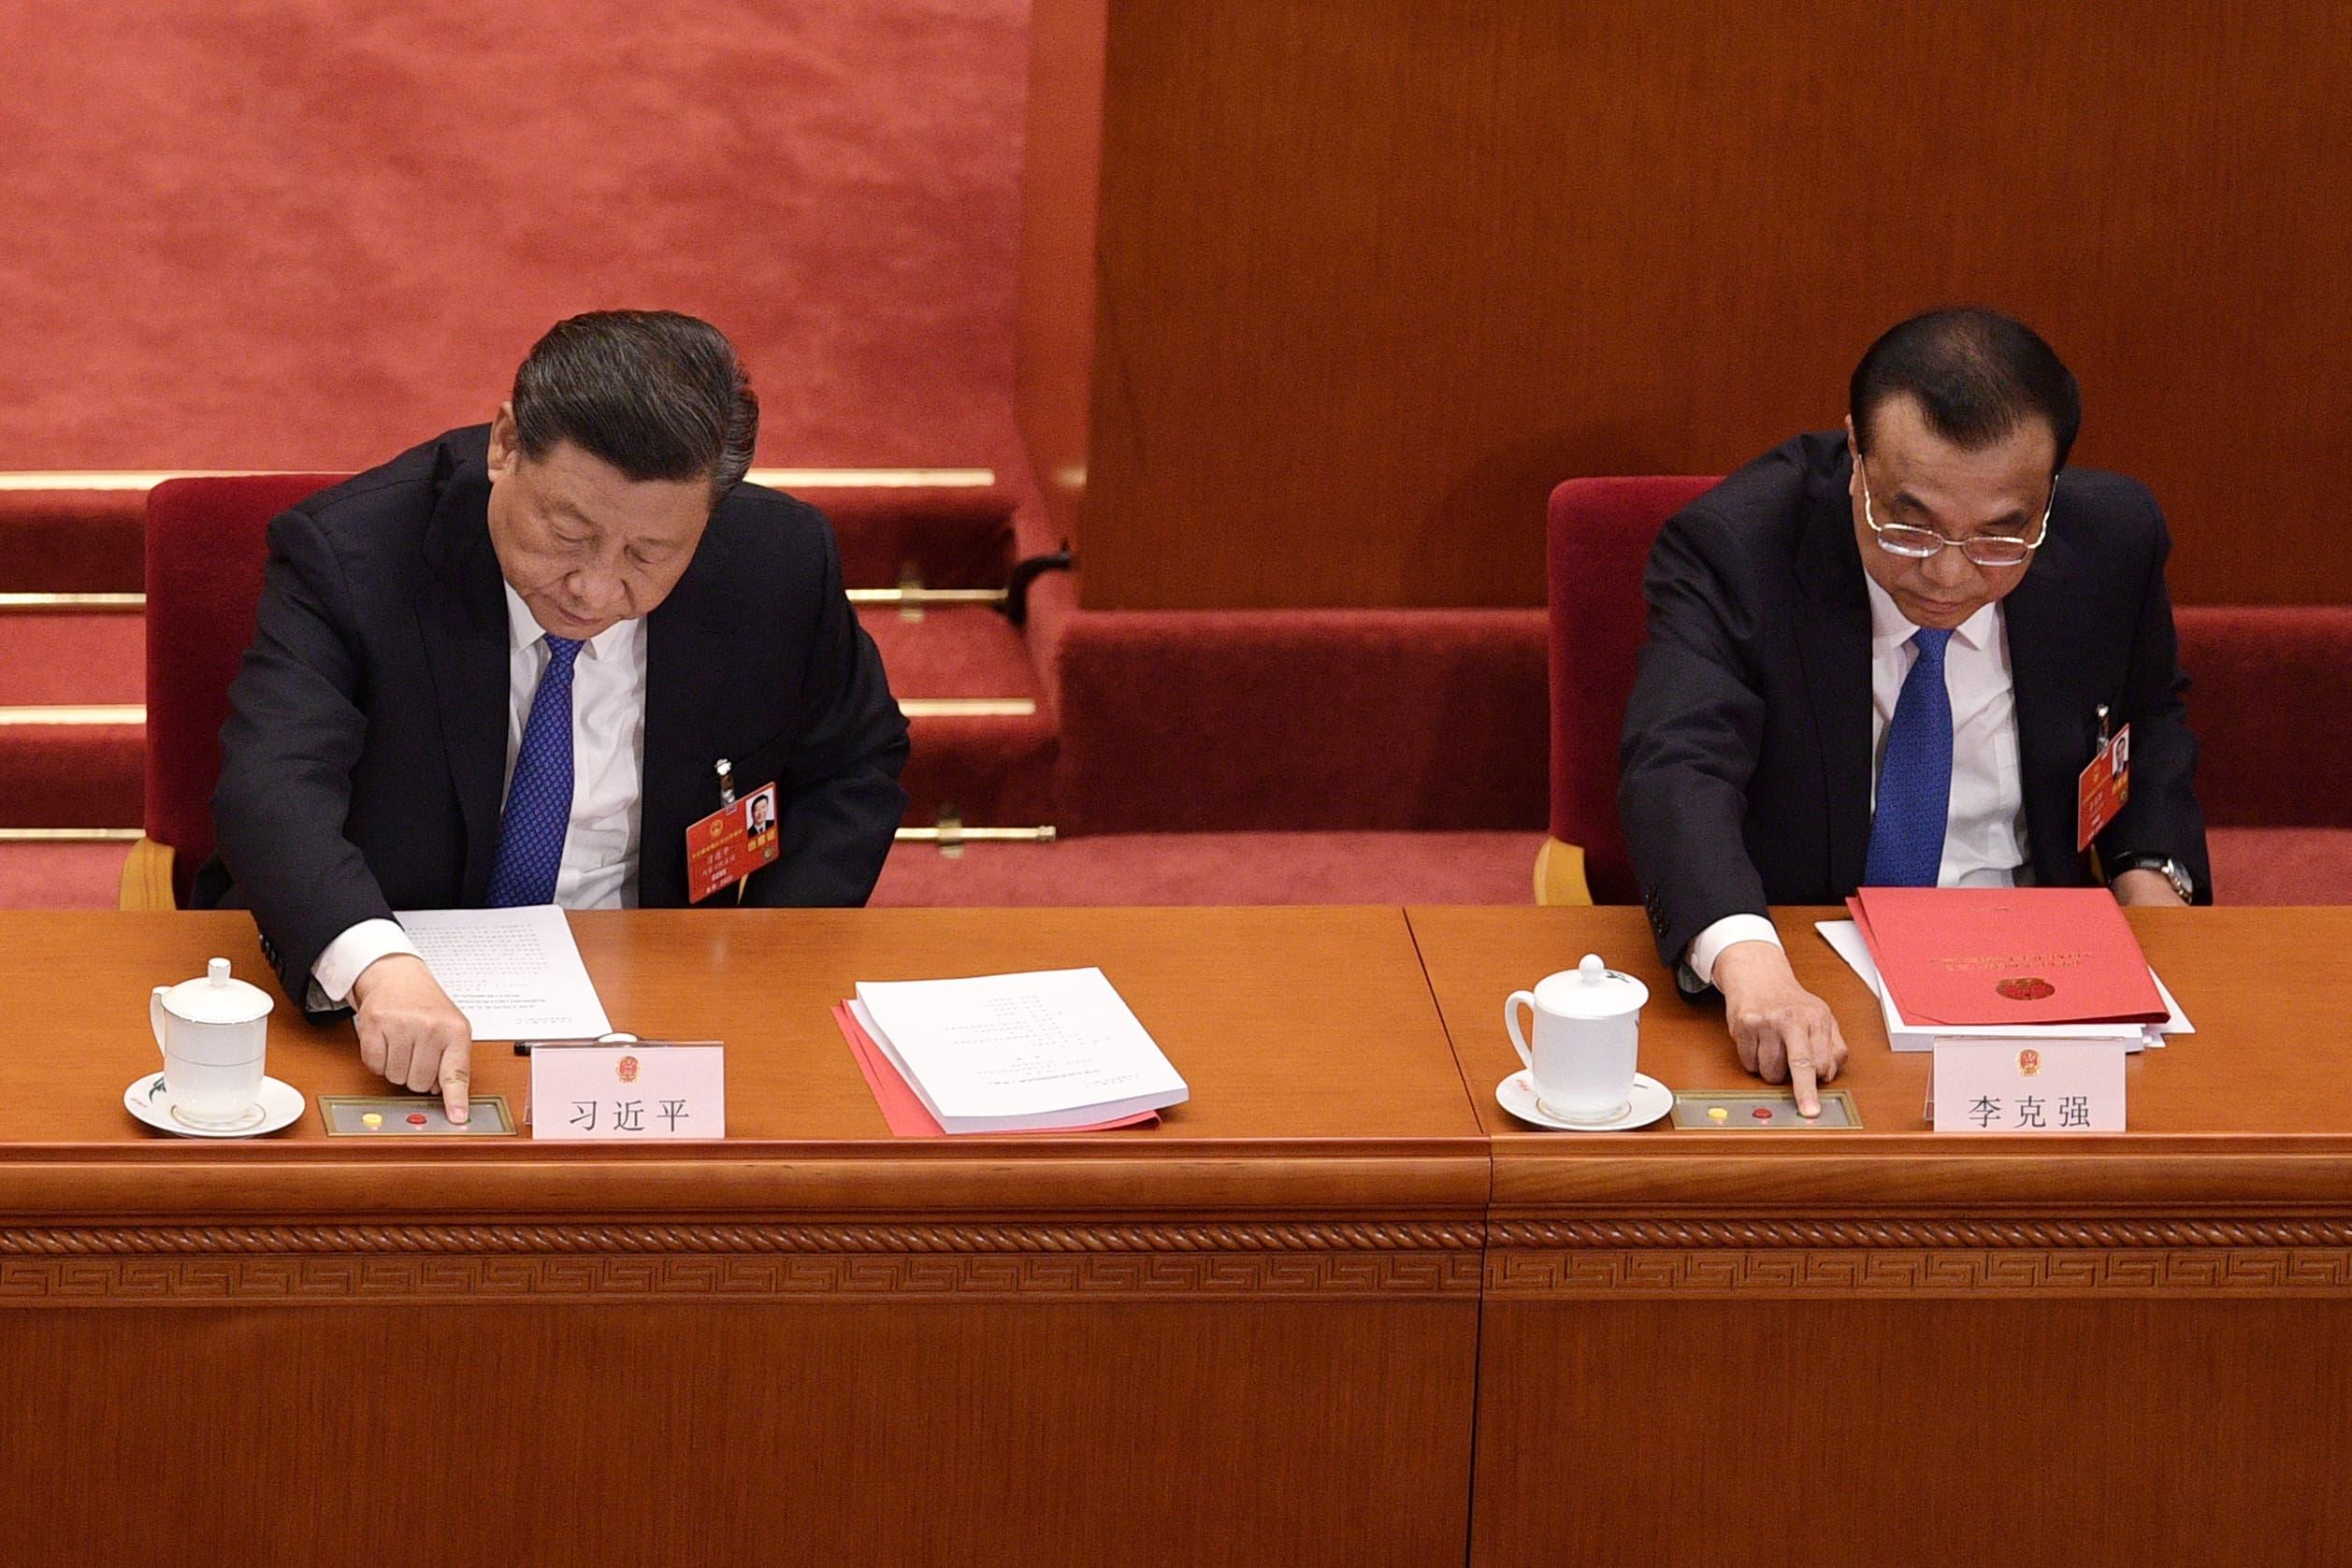 الرئيس الصيني مصوتا على قانون الأمن القومي المتعلق بهونغ كونغ (أرشيفية- فرانس برس)